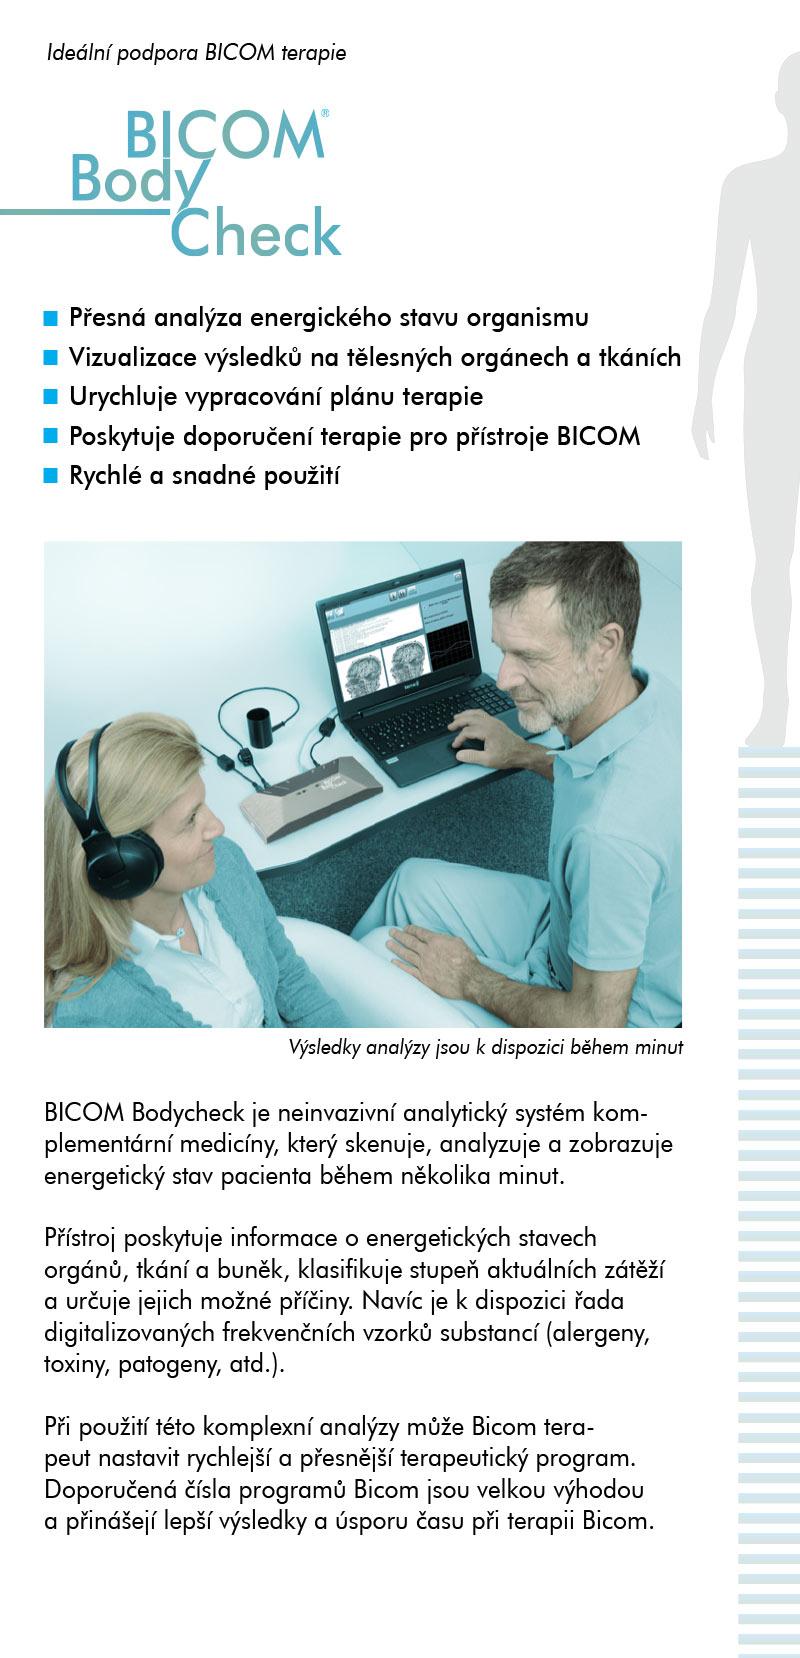 Bicom Body Check